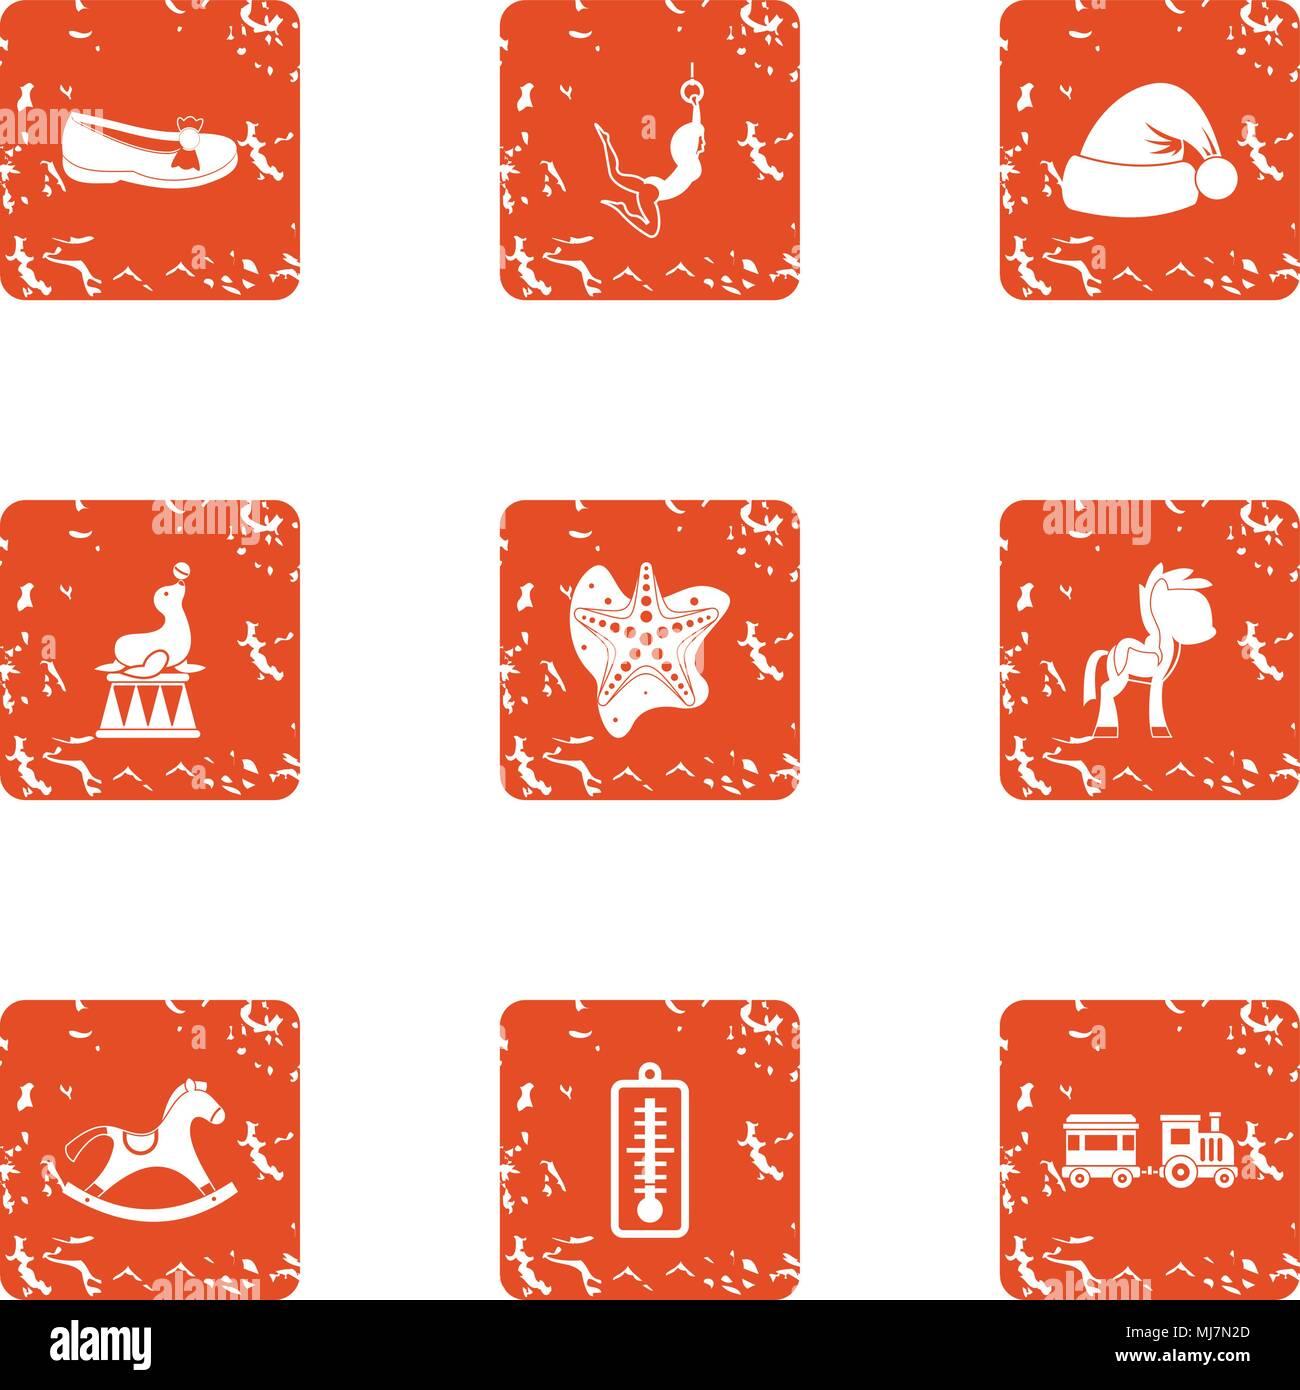 Christmastime icons set, grunge style - Stock Image